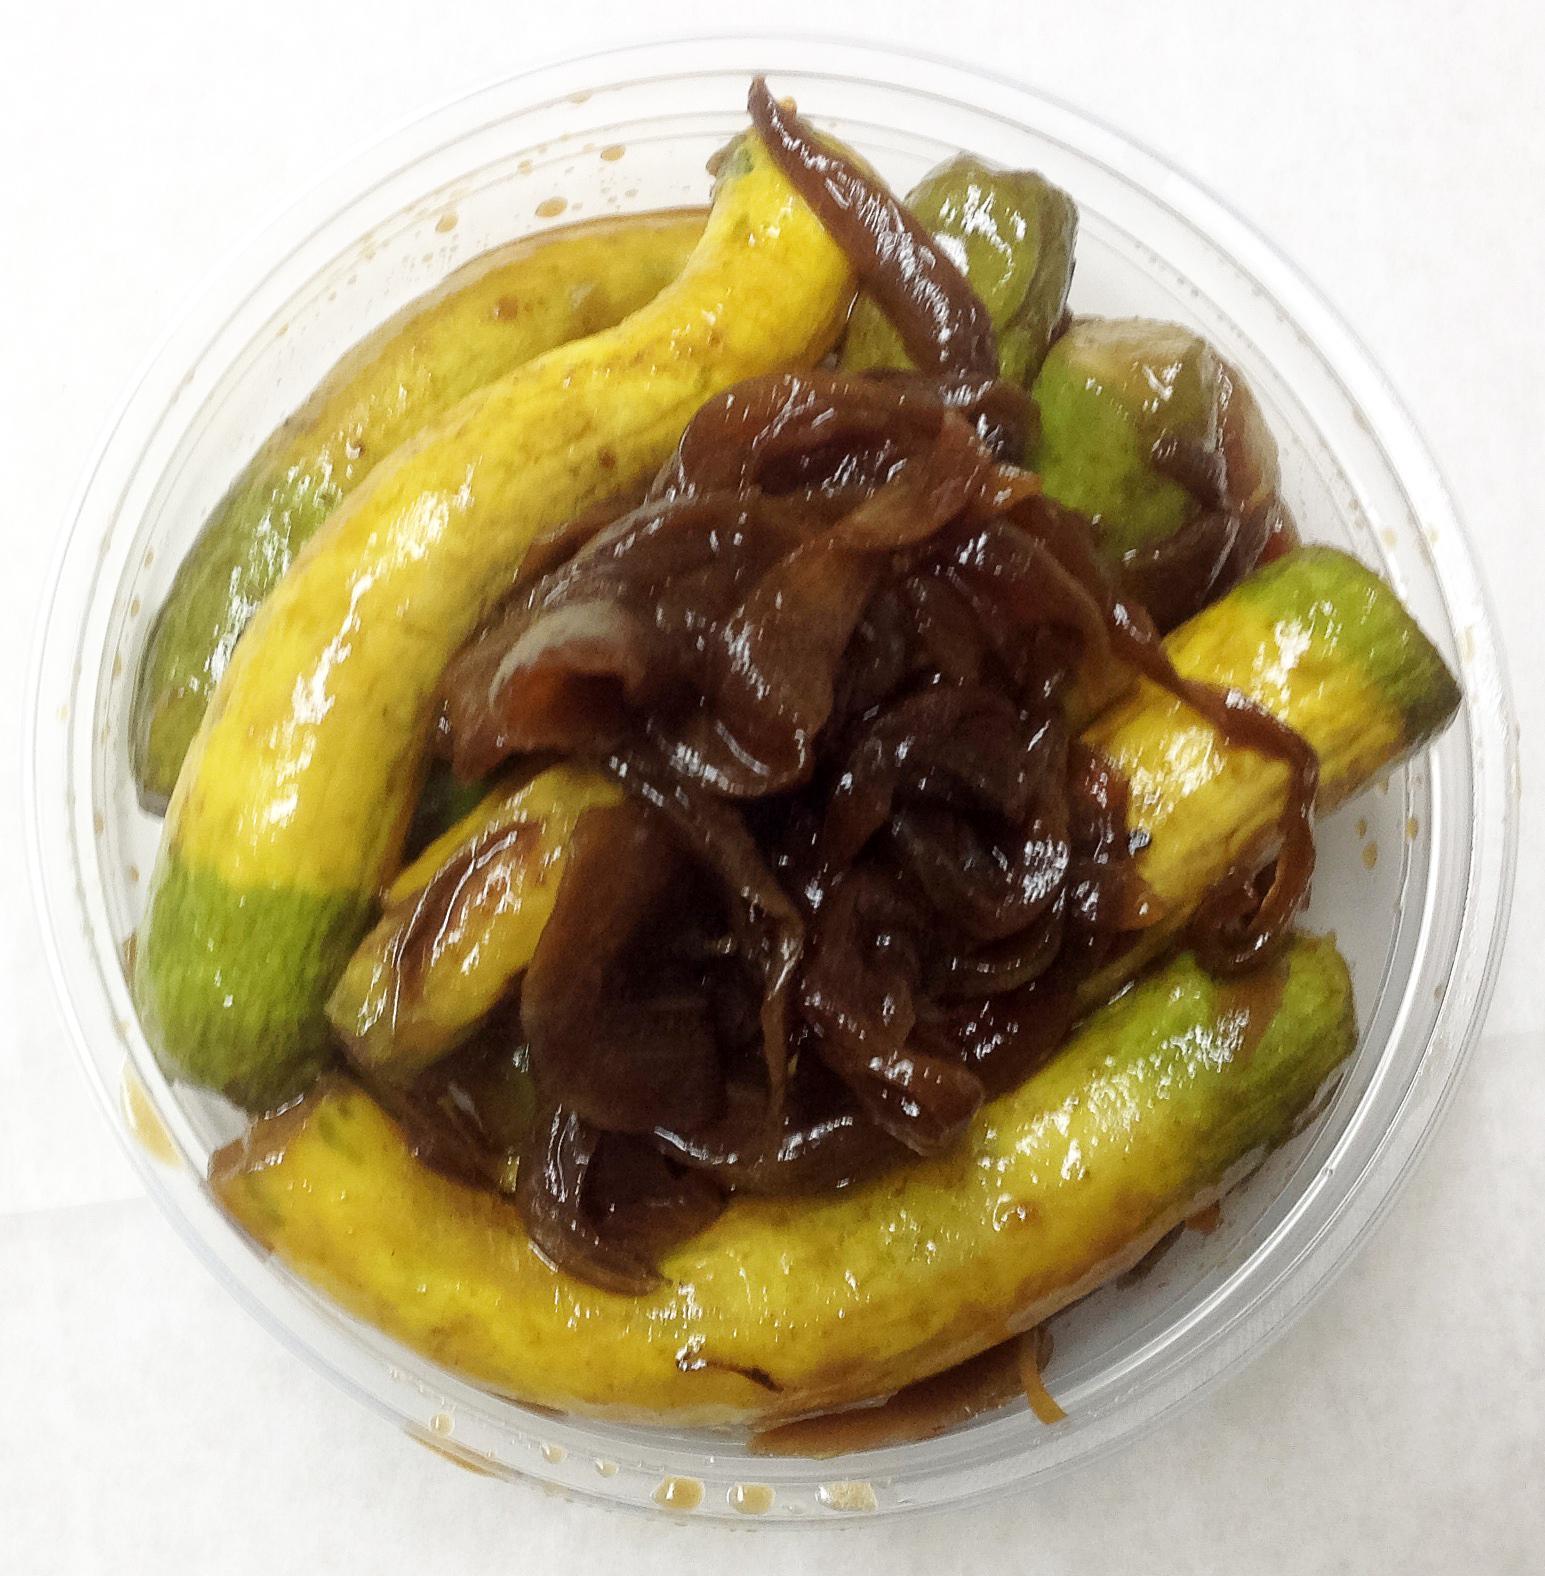 squash-and-onion-fondue